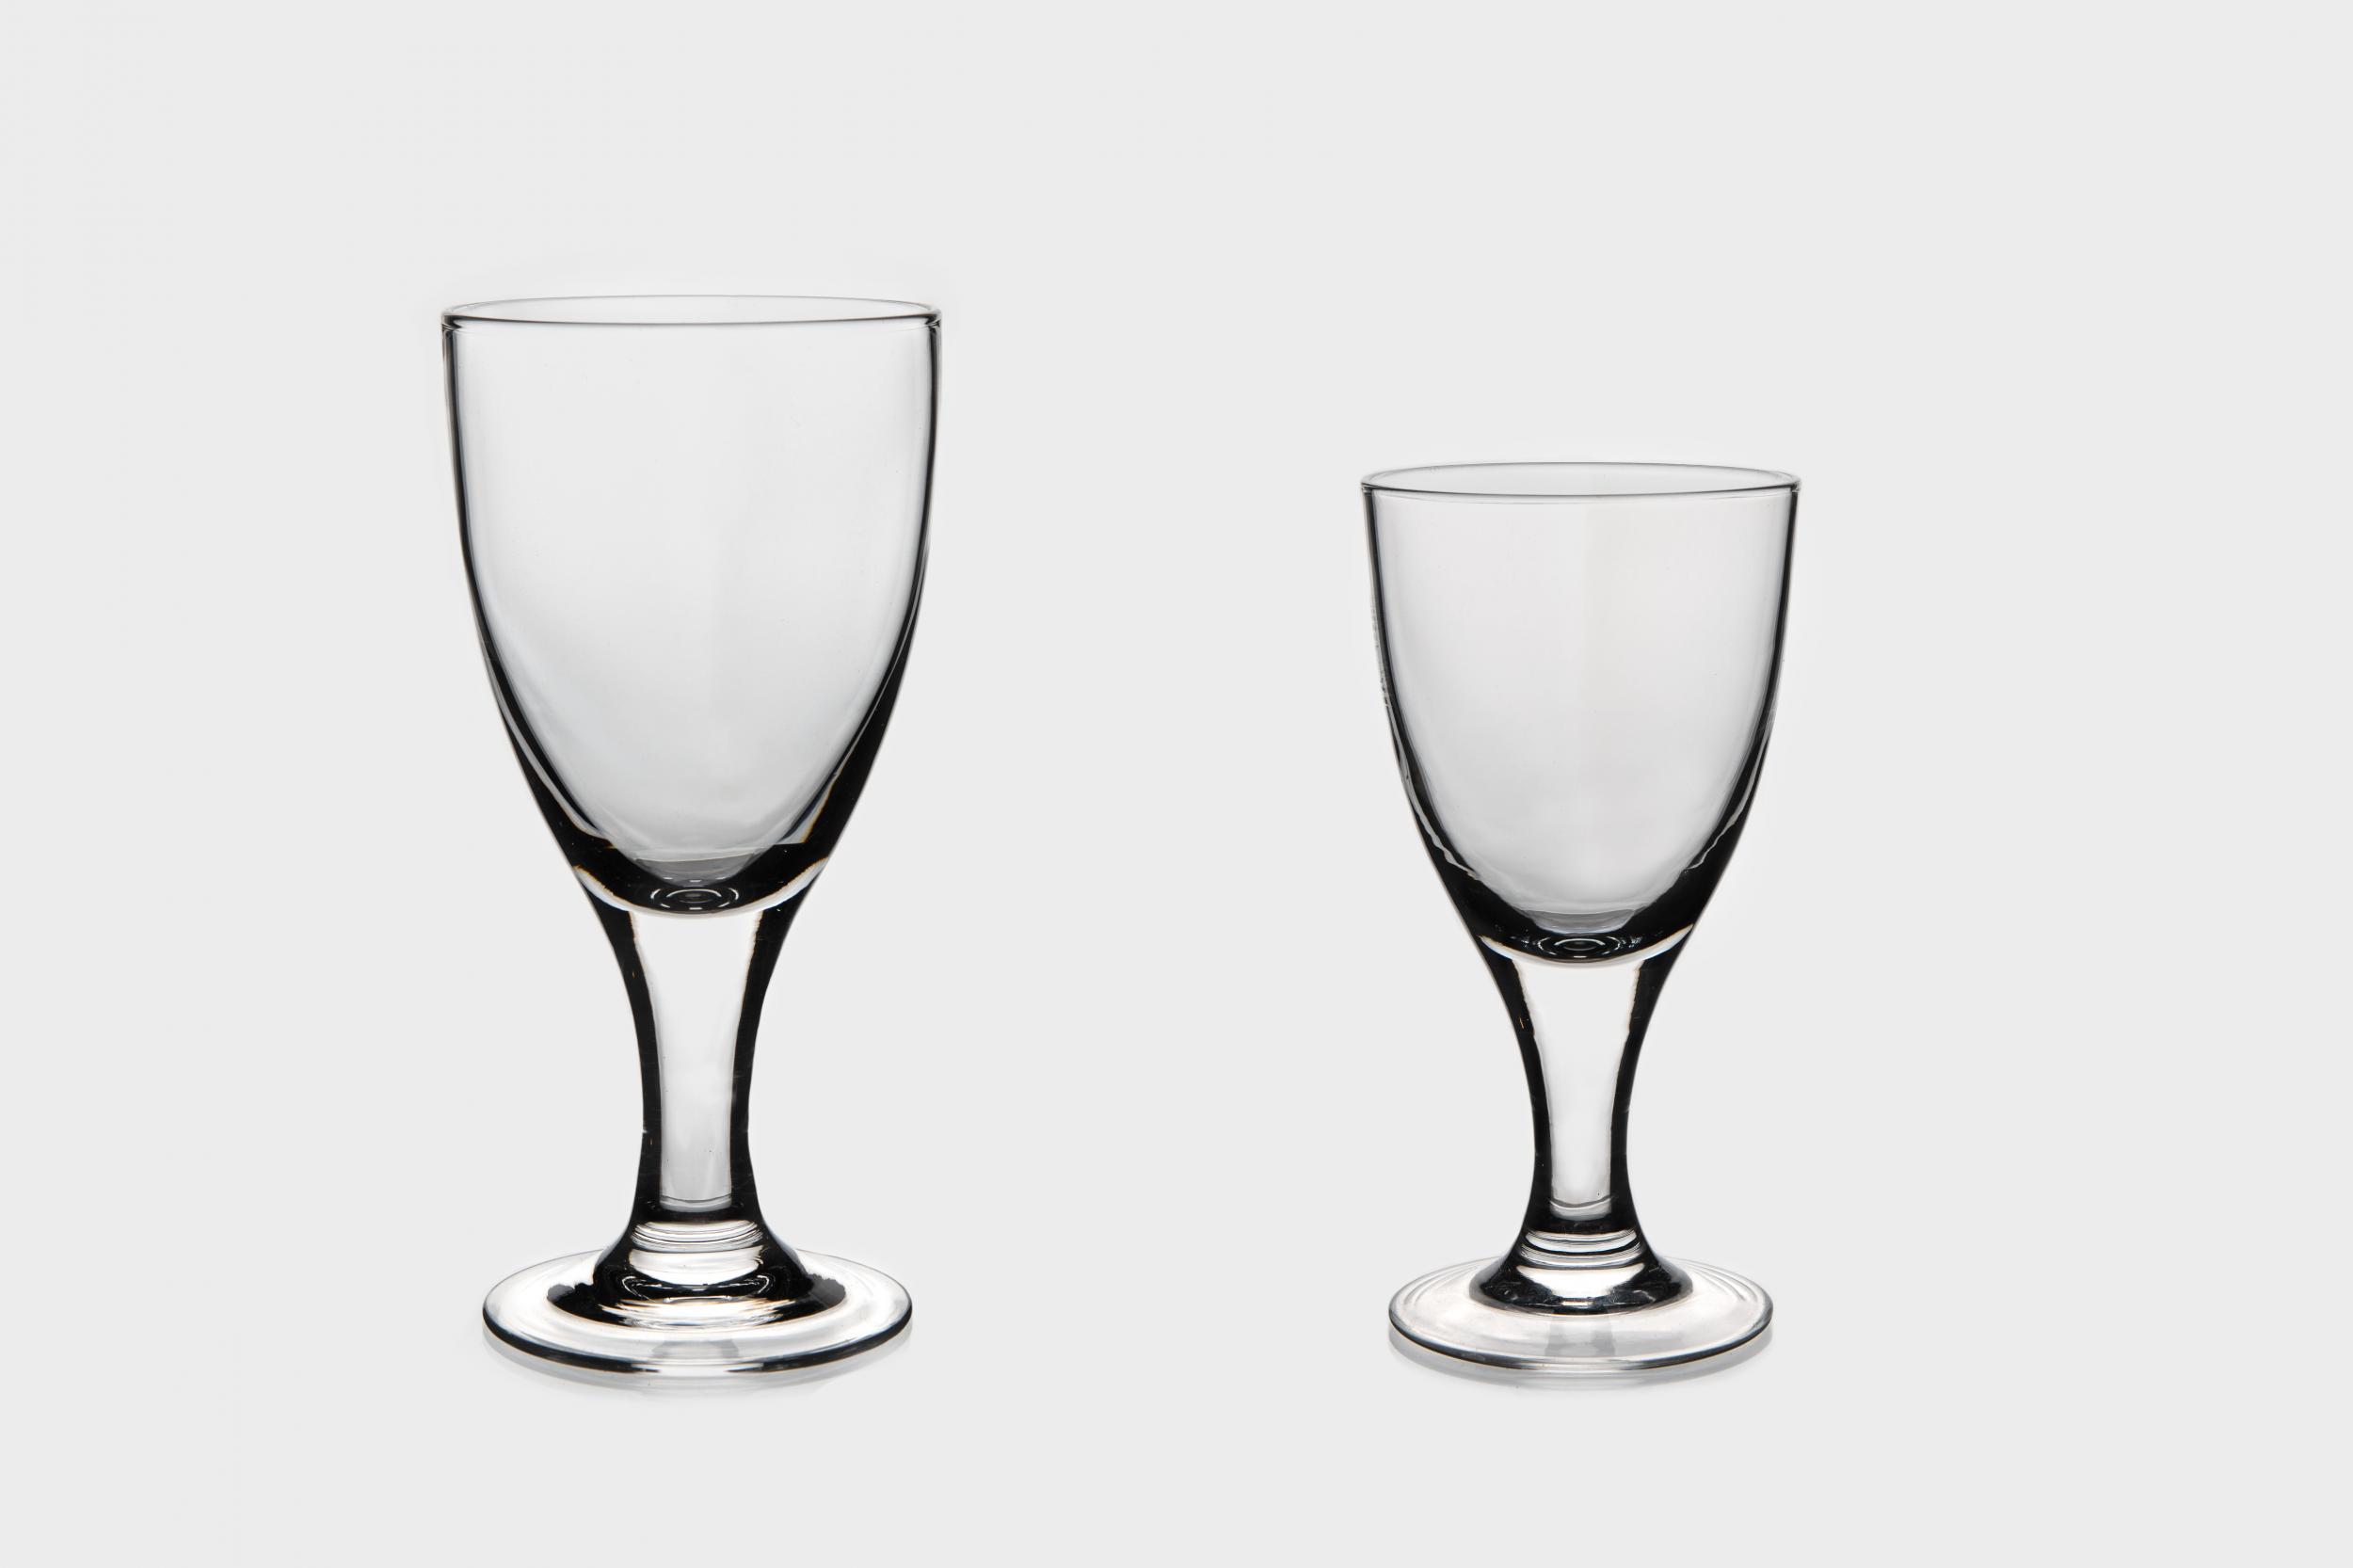 Garden glasses - Image 0